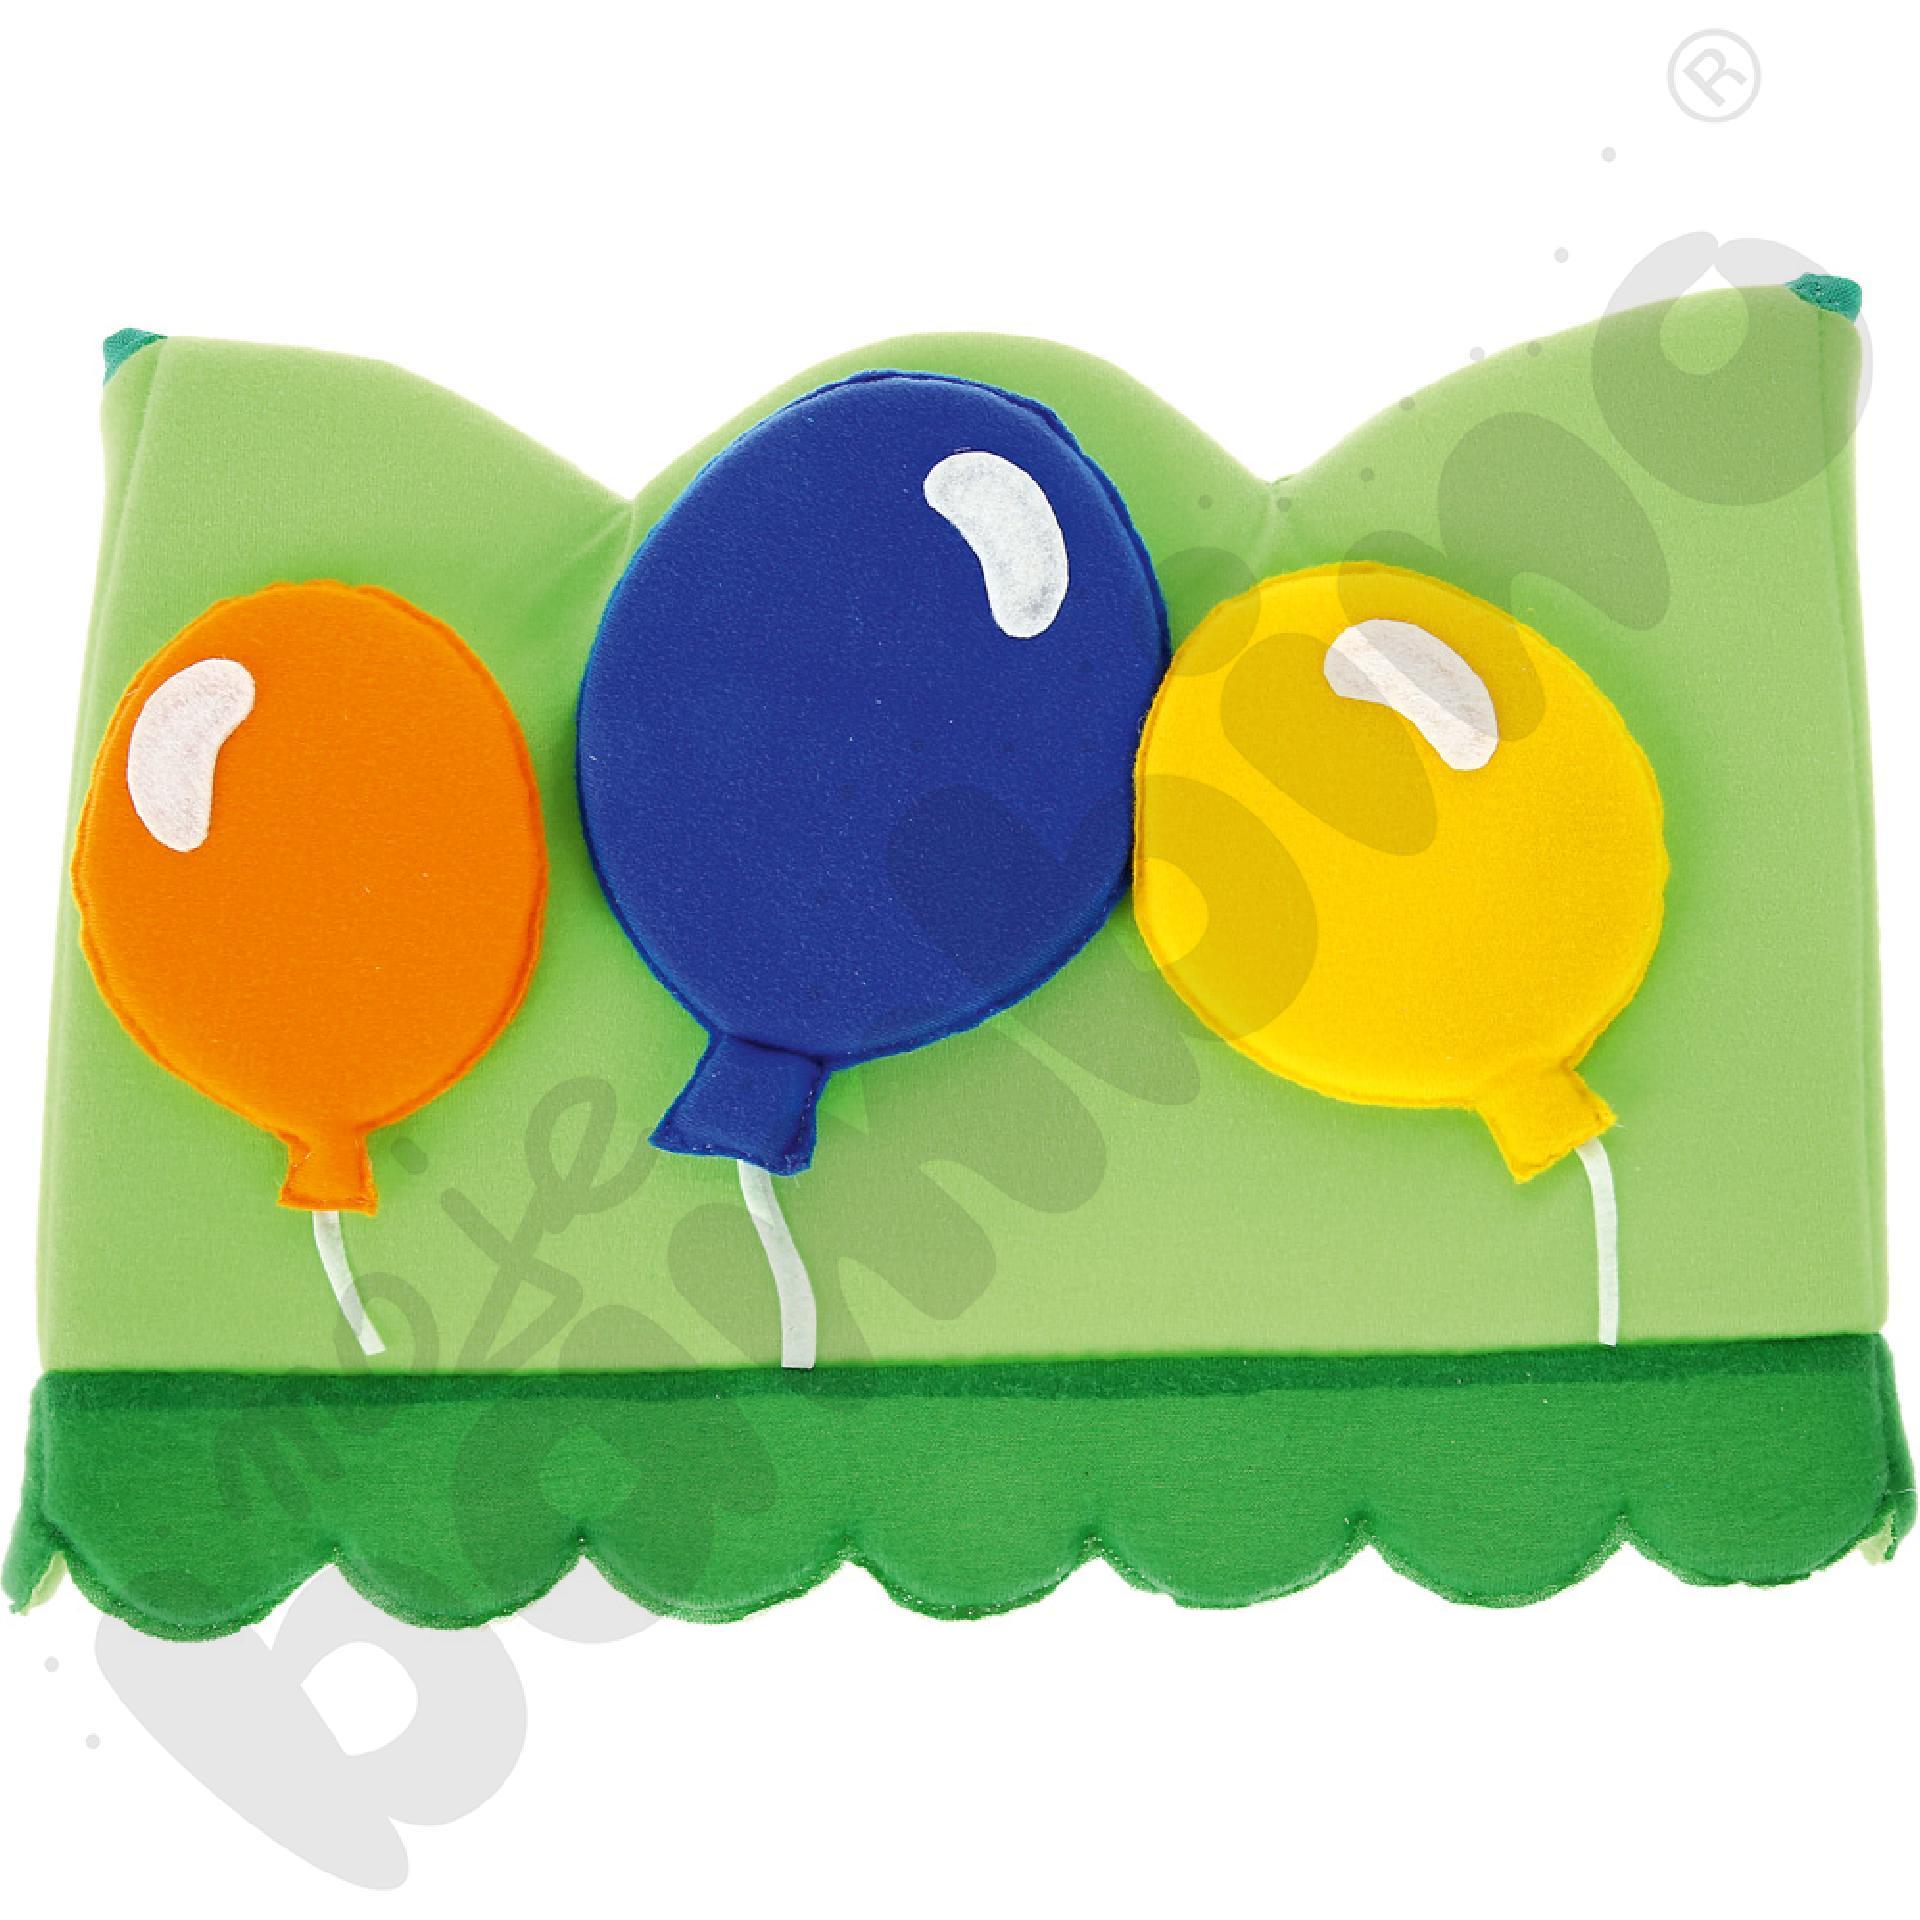 Dekoracje Urodzinowe Na Krzesełko Balony